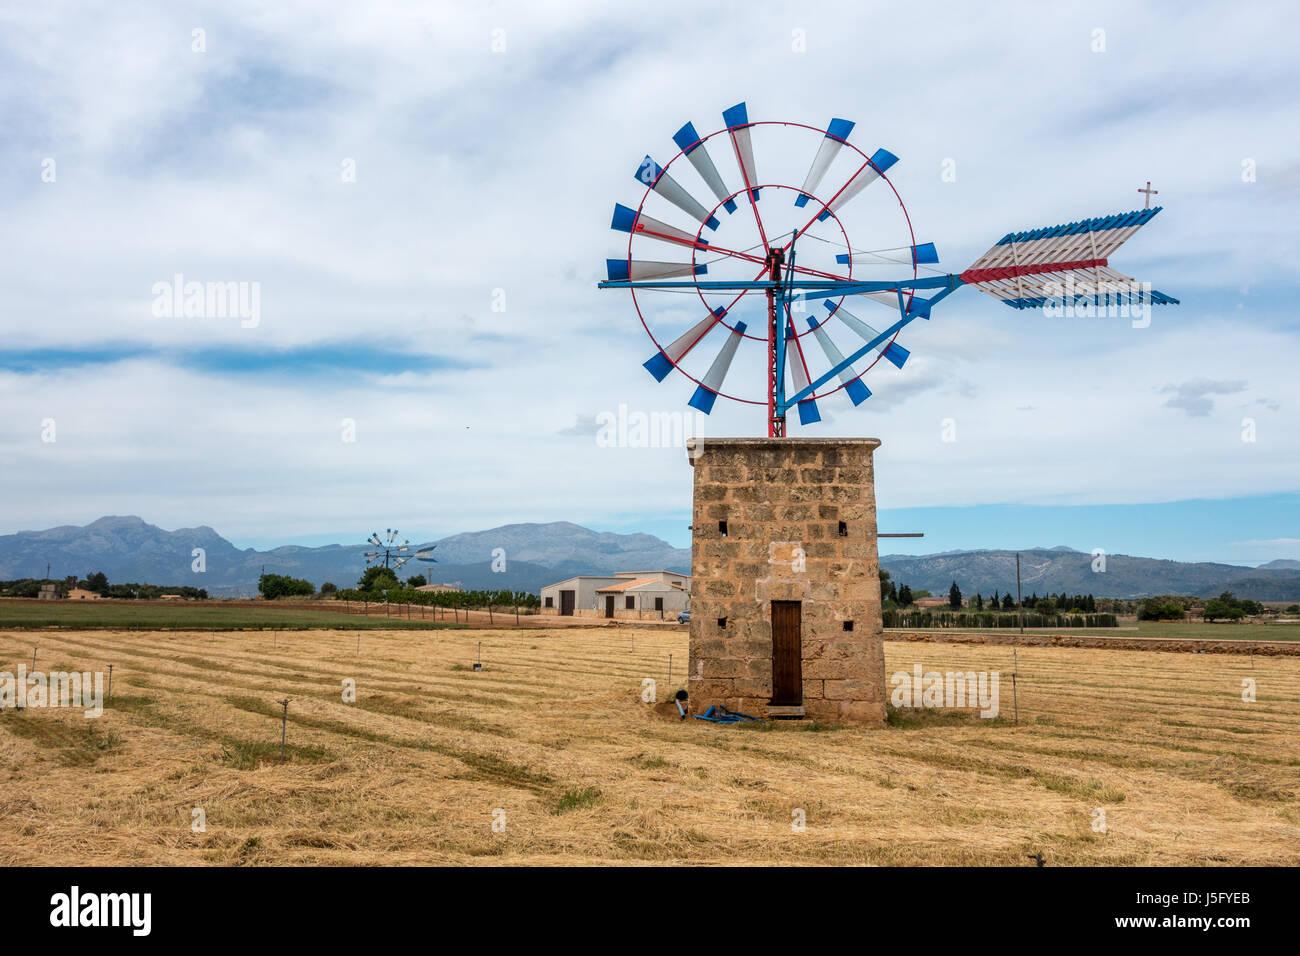 Vecchio mulino utilizzato per l'agricoltura nel nord di Mallorca, Maiorca, isole Baleari, Spagna Immagini Stock